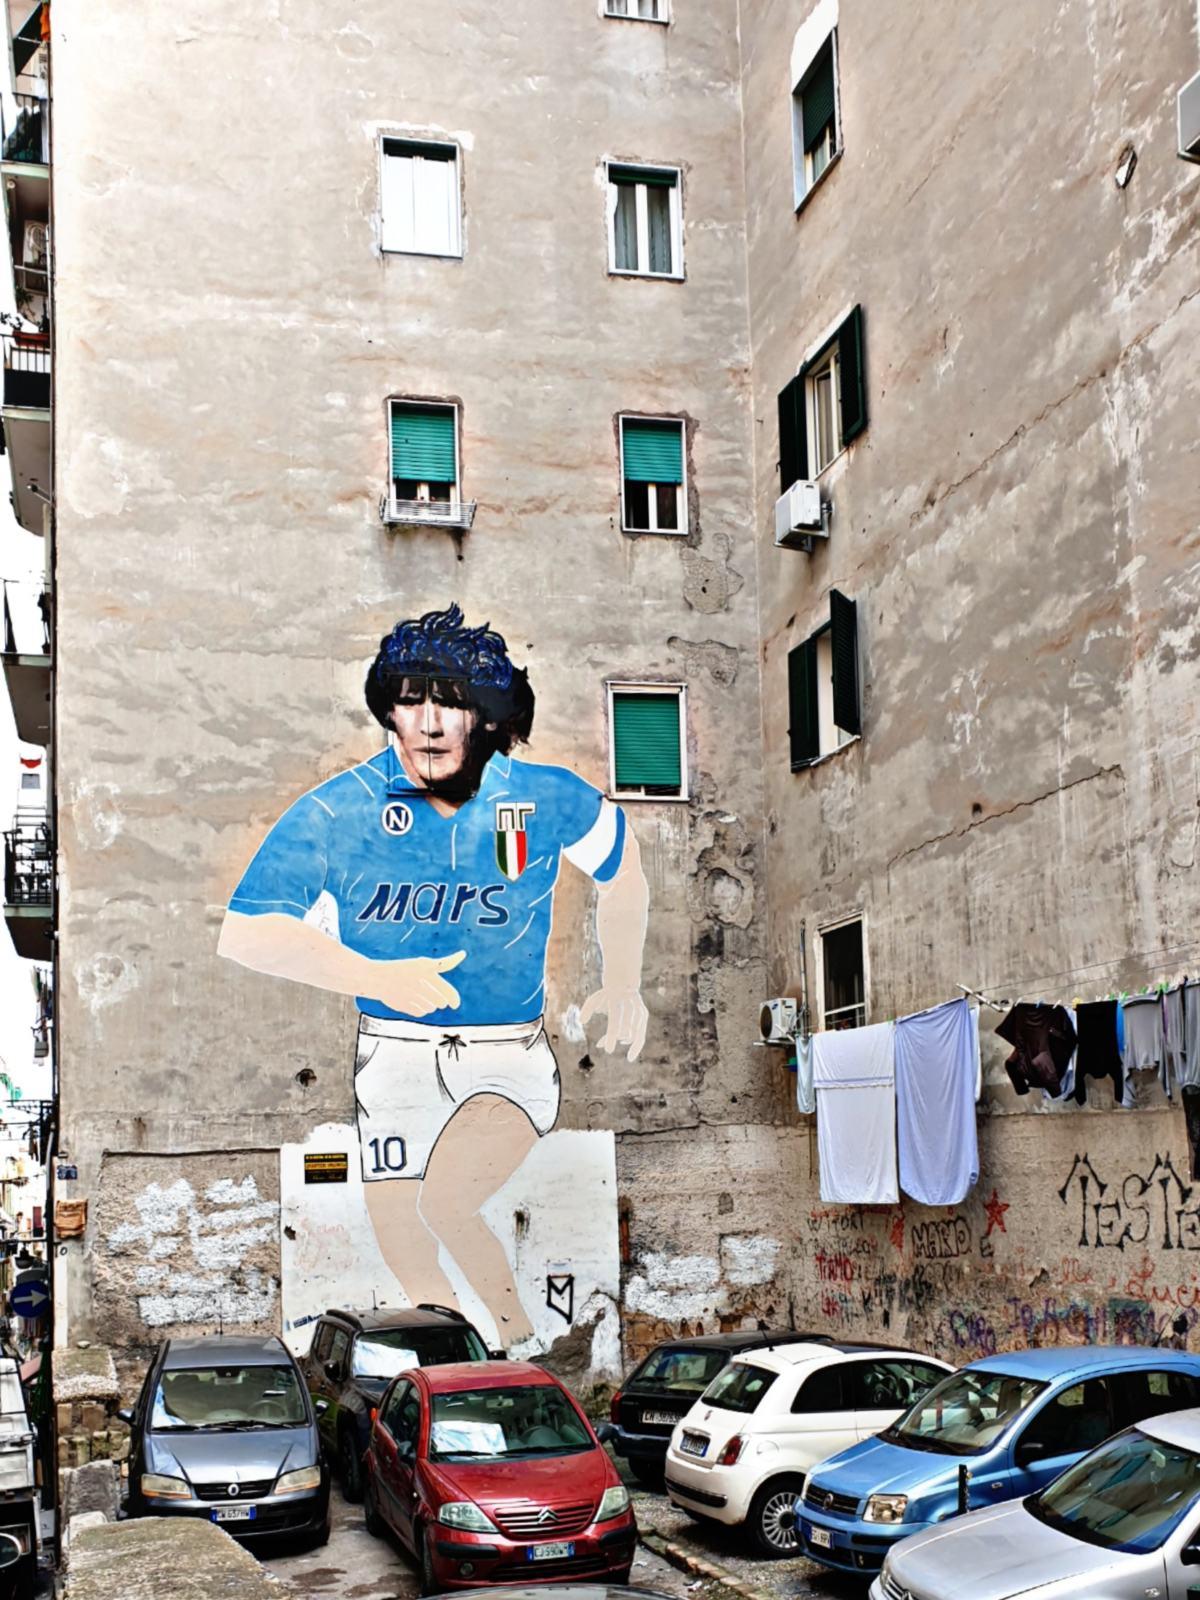 Maradona - Via Emanuele De Deo - Quartieri Spagnoli